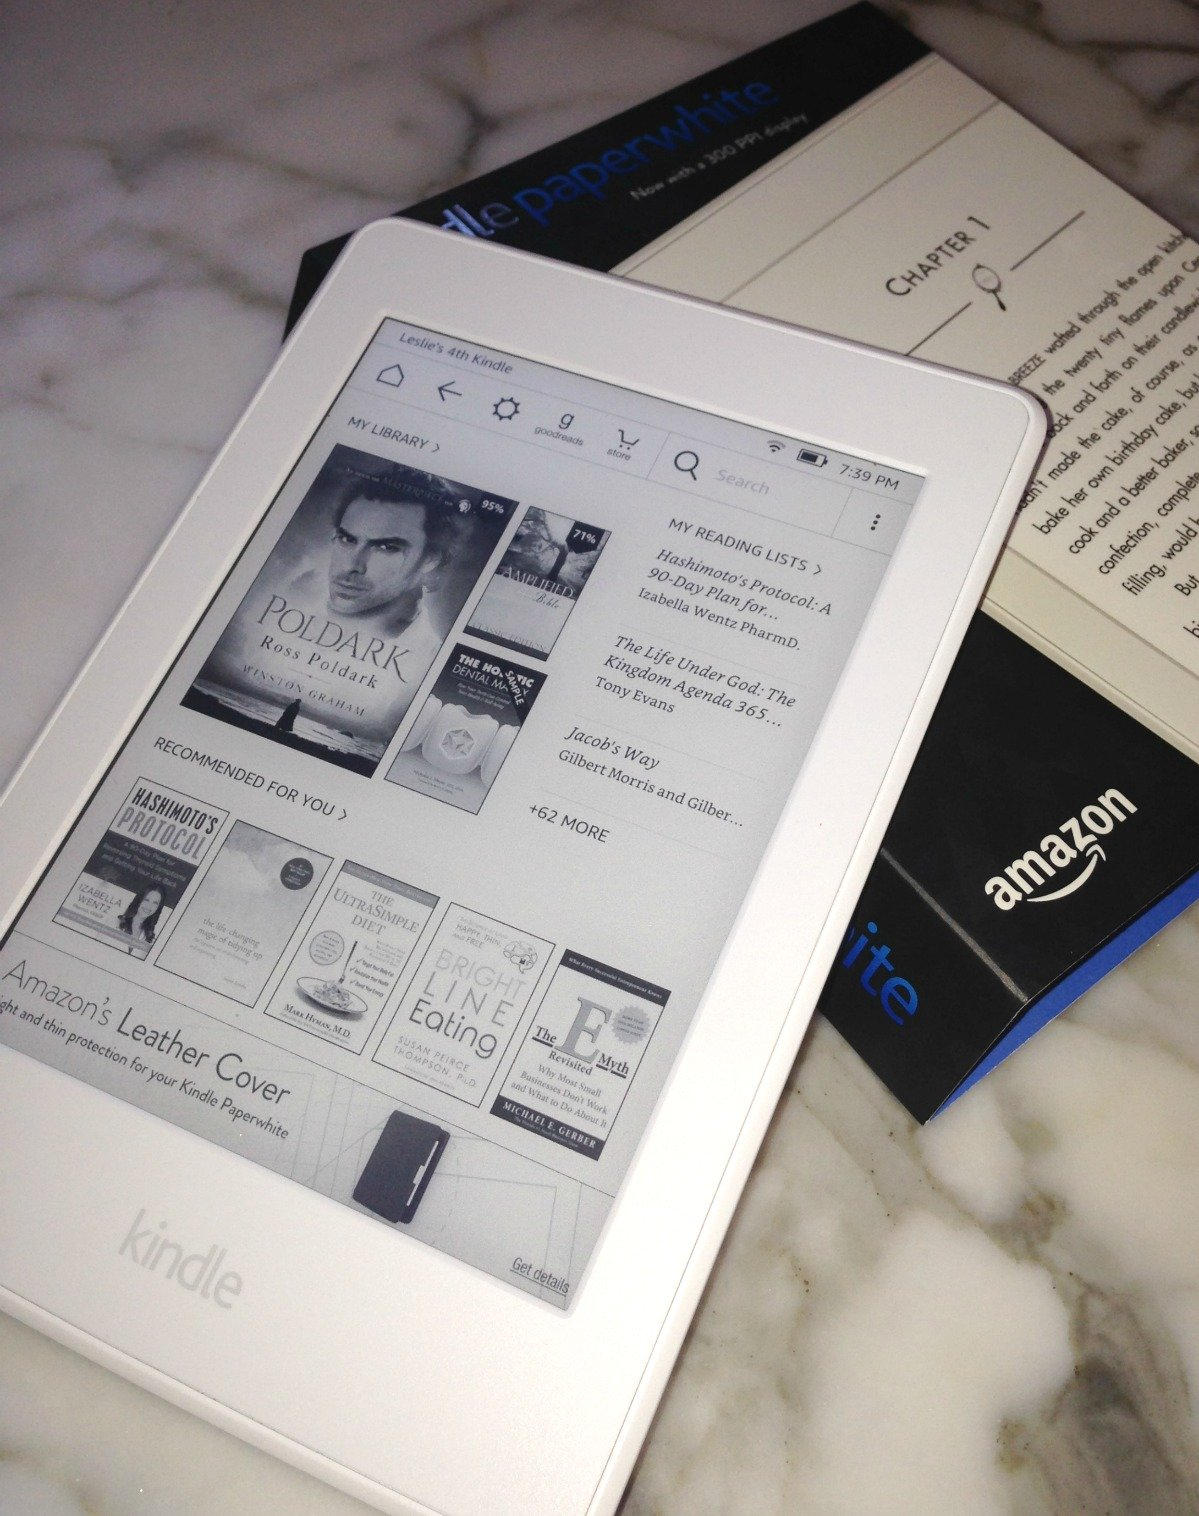 amazon kindle wireless readers